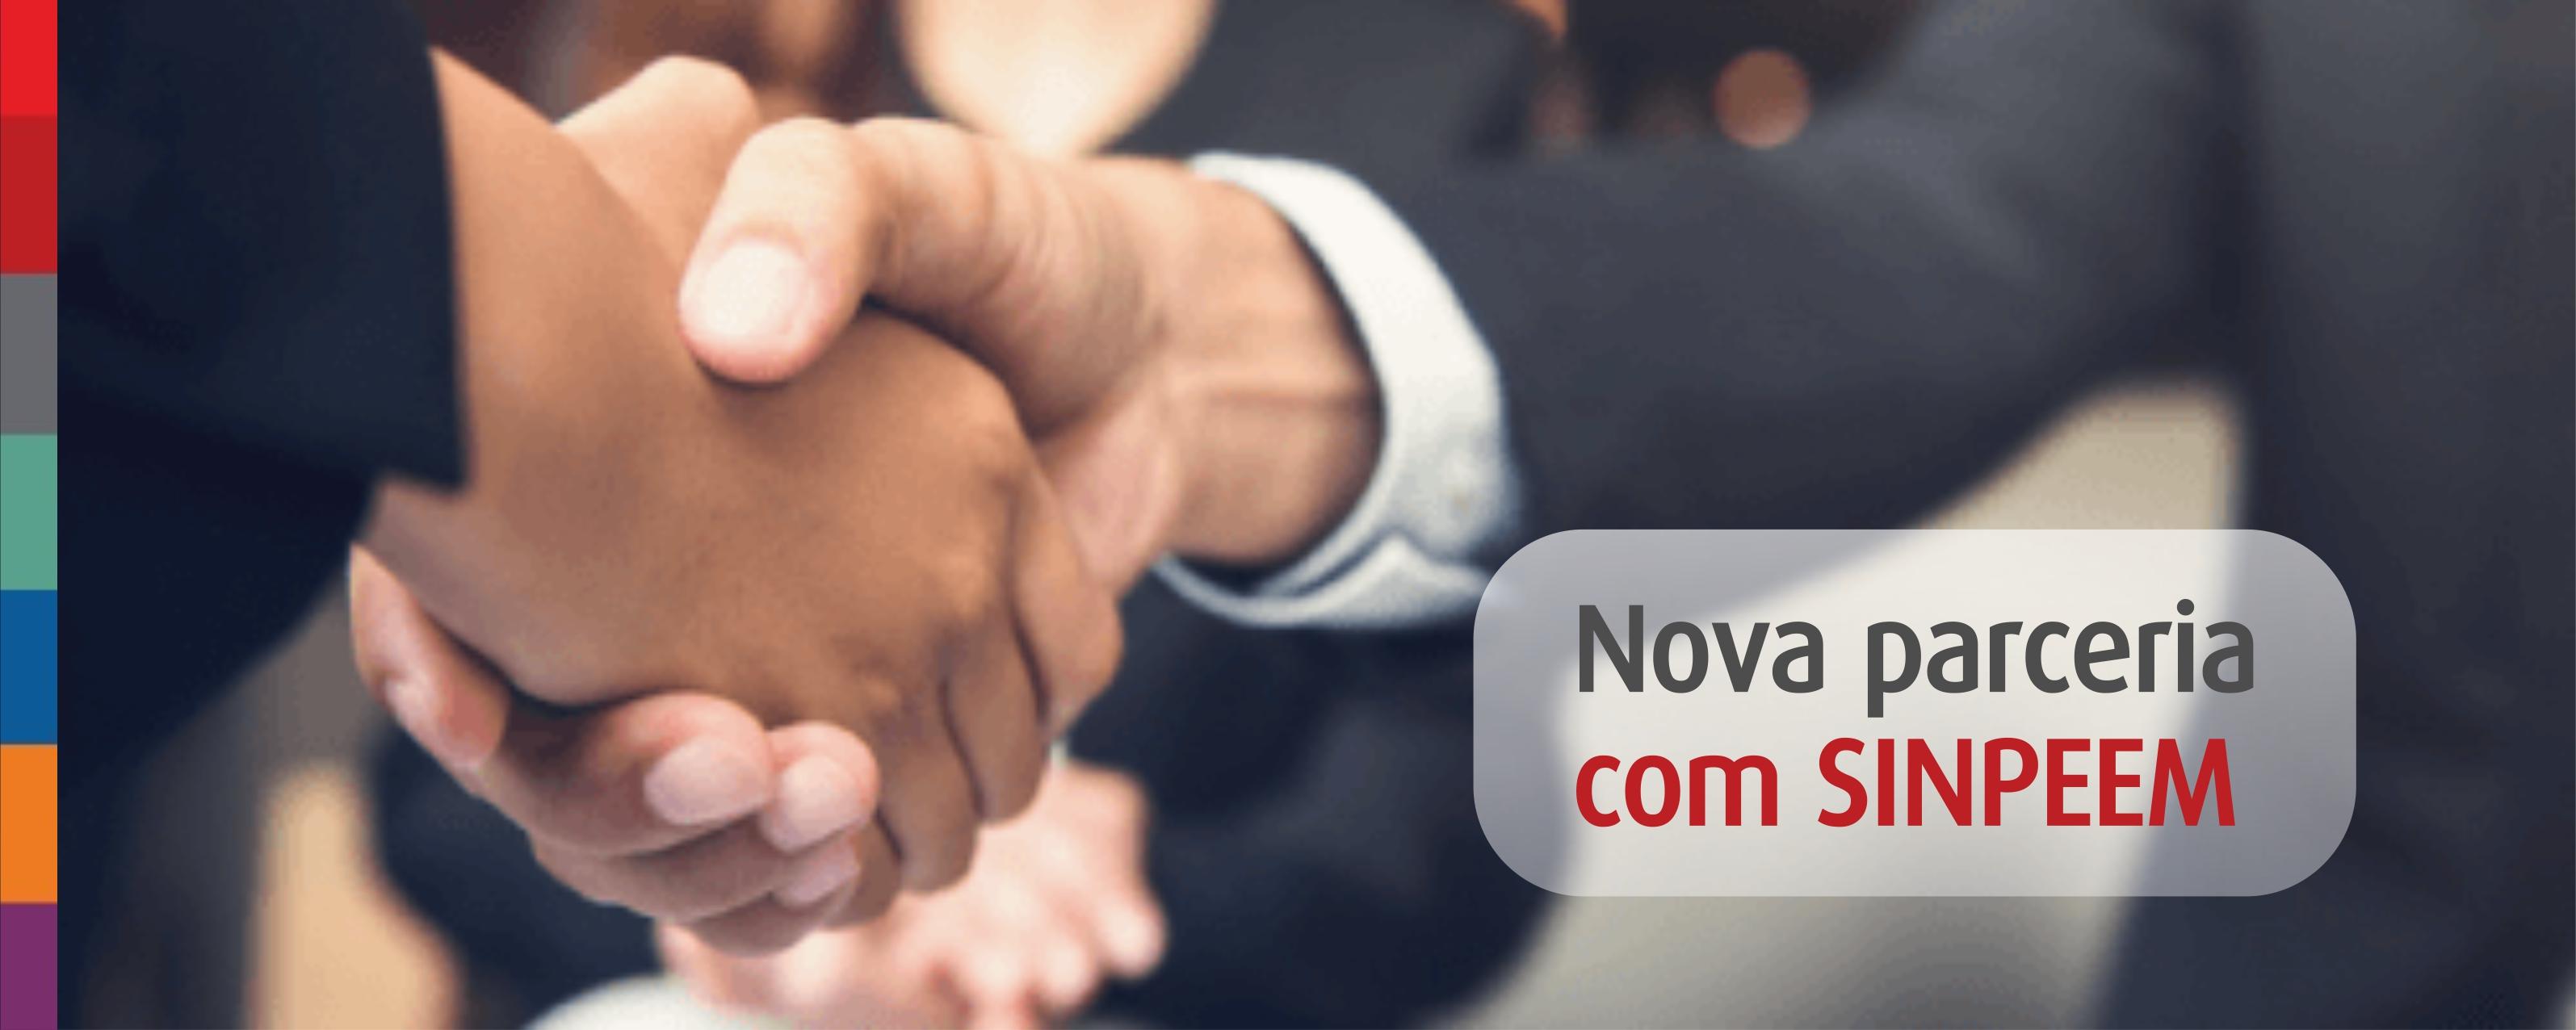 Pós São Camilo firma parceria com SINPEEM